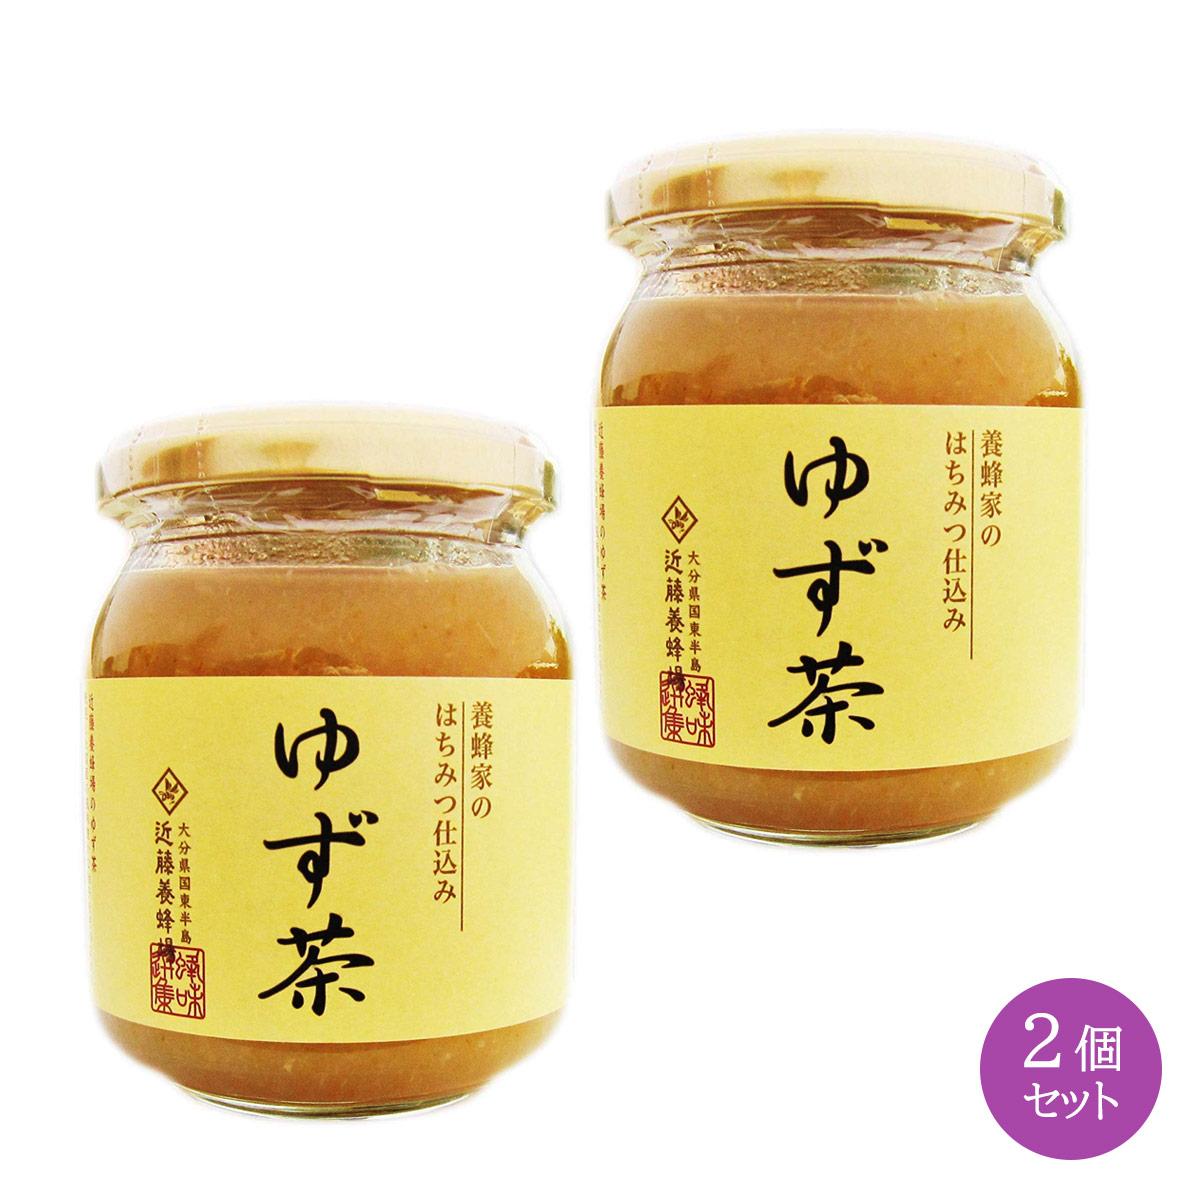 九州 内祝い 調味料 福岡 ゆず ゆず茶 大分 店 250g×2 近藤養蜂場